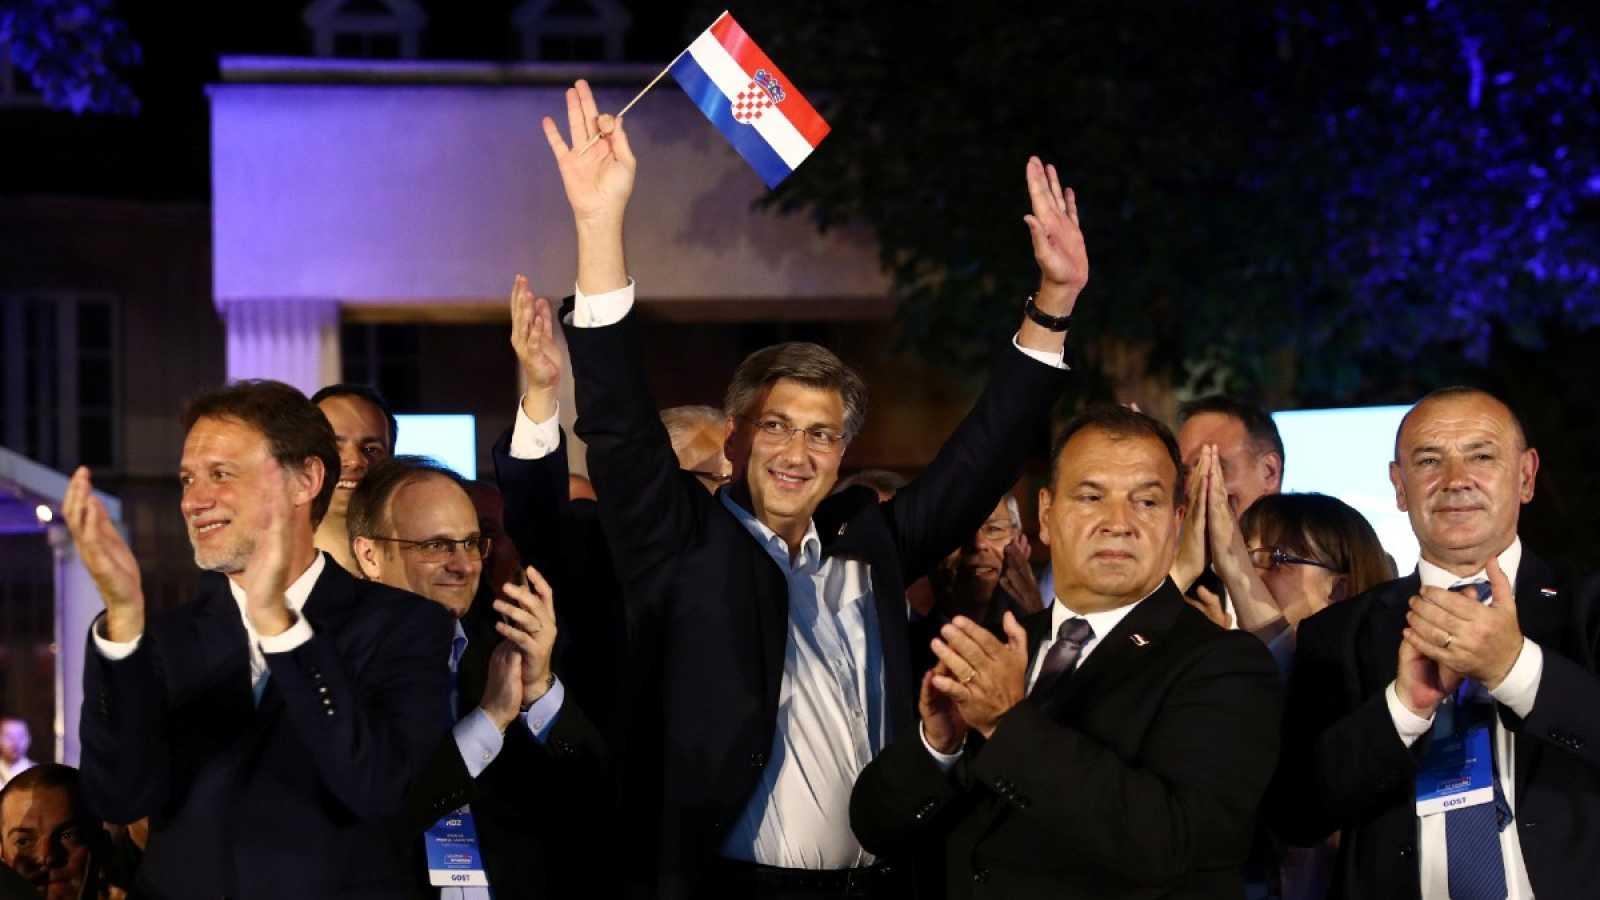 El primer ministro croata y líder de la Unión Democrática Croata (HDZ), Andrej Plenkovic, sostiene una bandera de Croacia después de que se anunciaran los resultados de las elecciones.